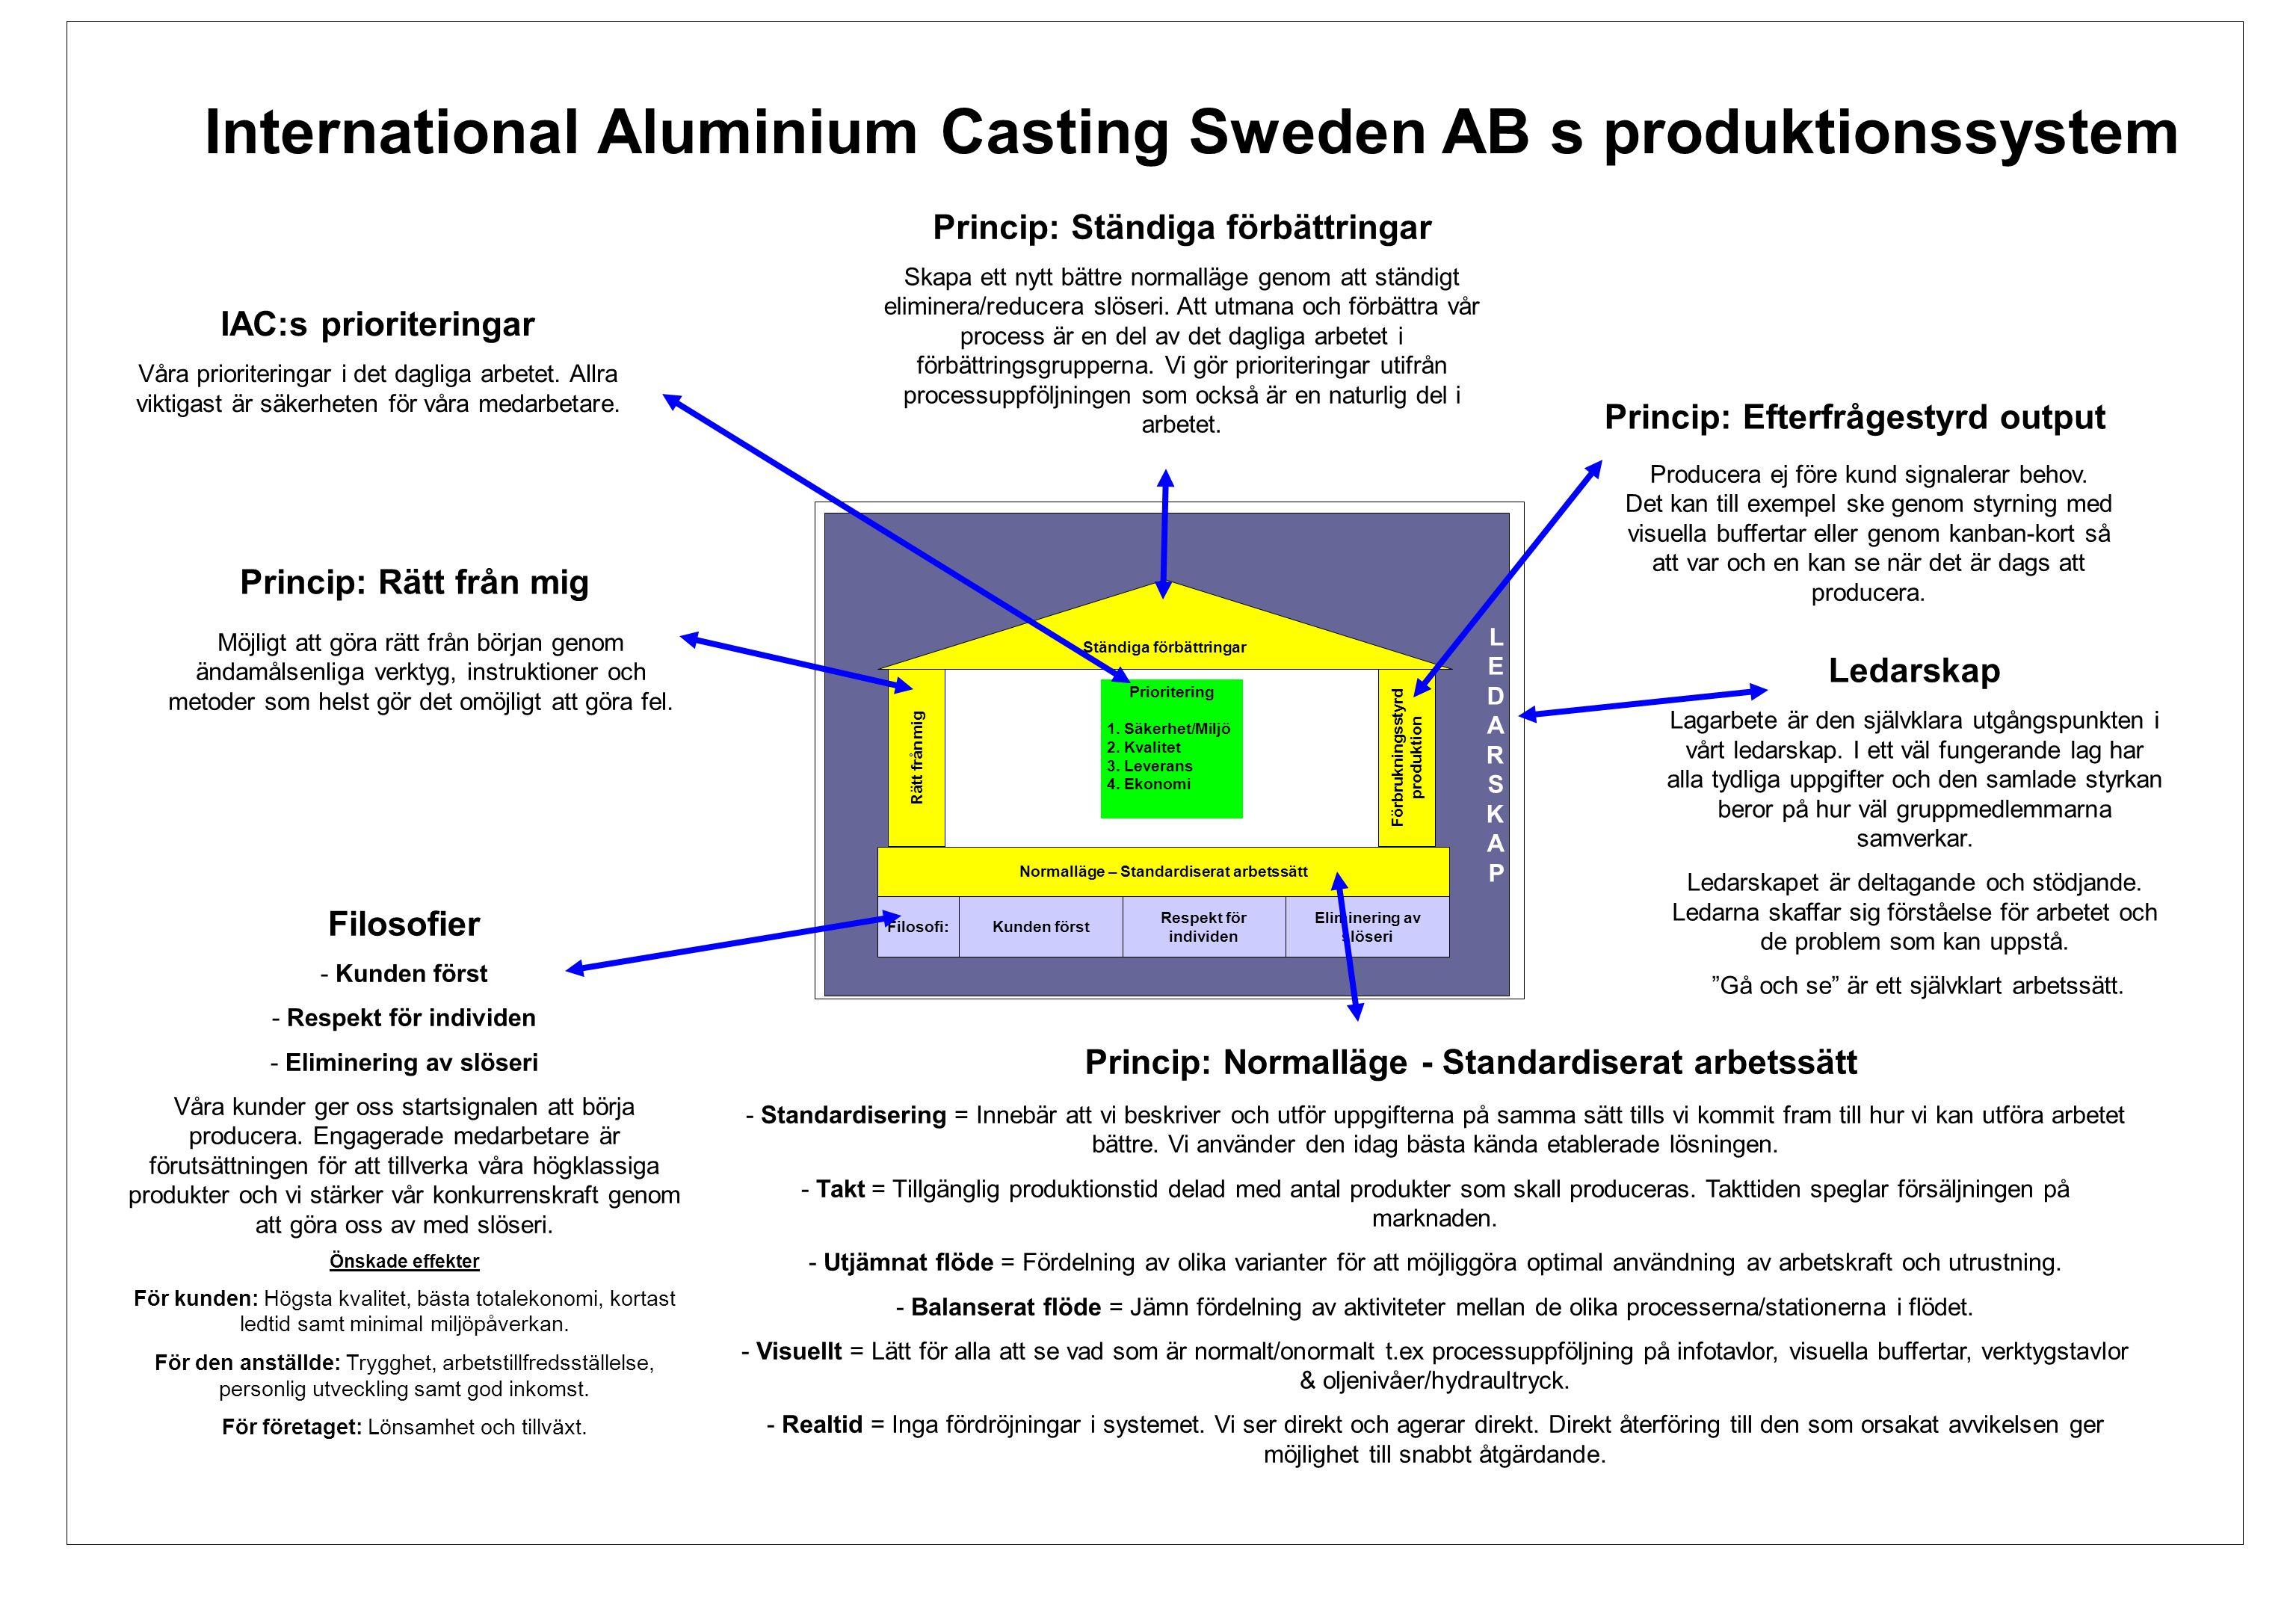 EBÖs produktionssystem LEDARSKAPLEDARSKAP Ständiga förbättringar Rätt från mig Prioritering 1.Säkerhet/Miljö 2.Kvalitet 3.Leverans 4.Ekonomi Förbrukni